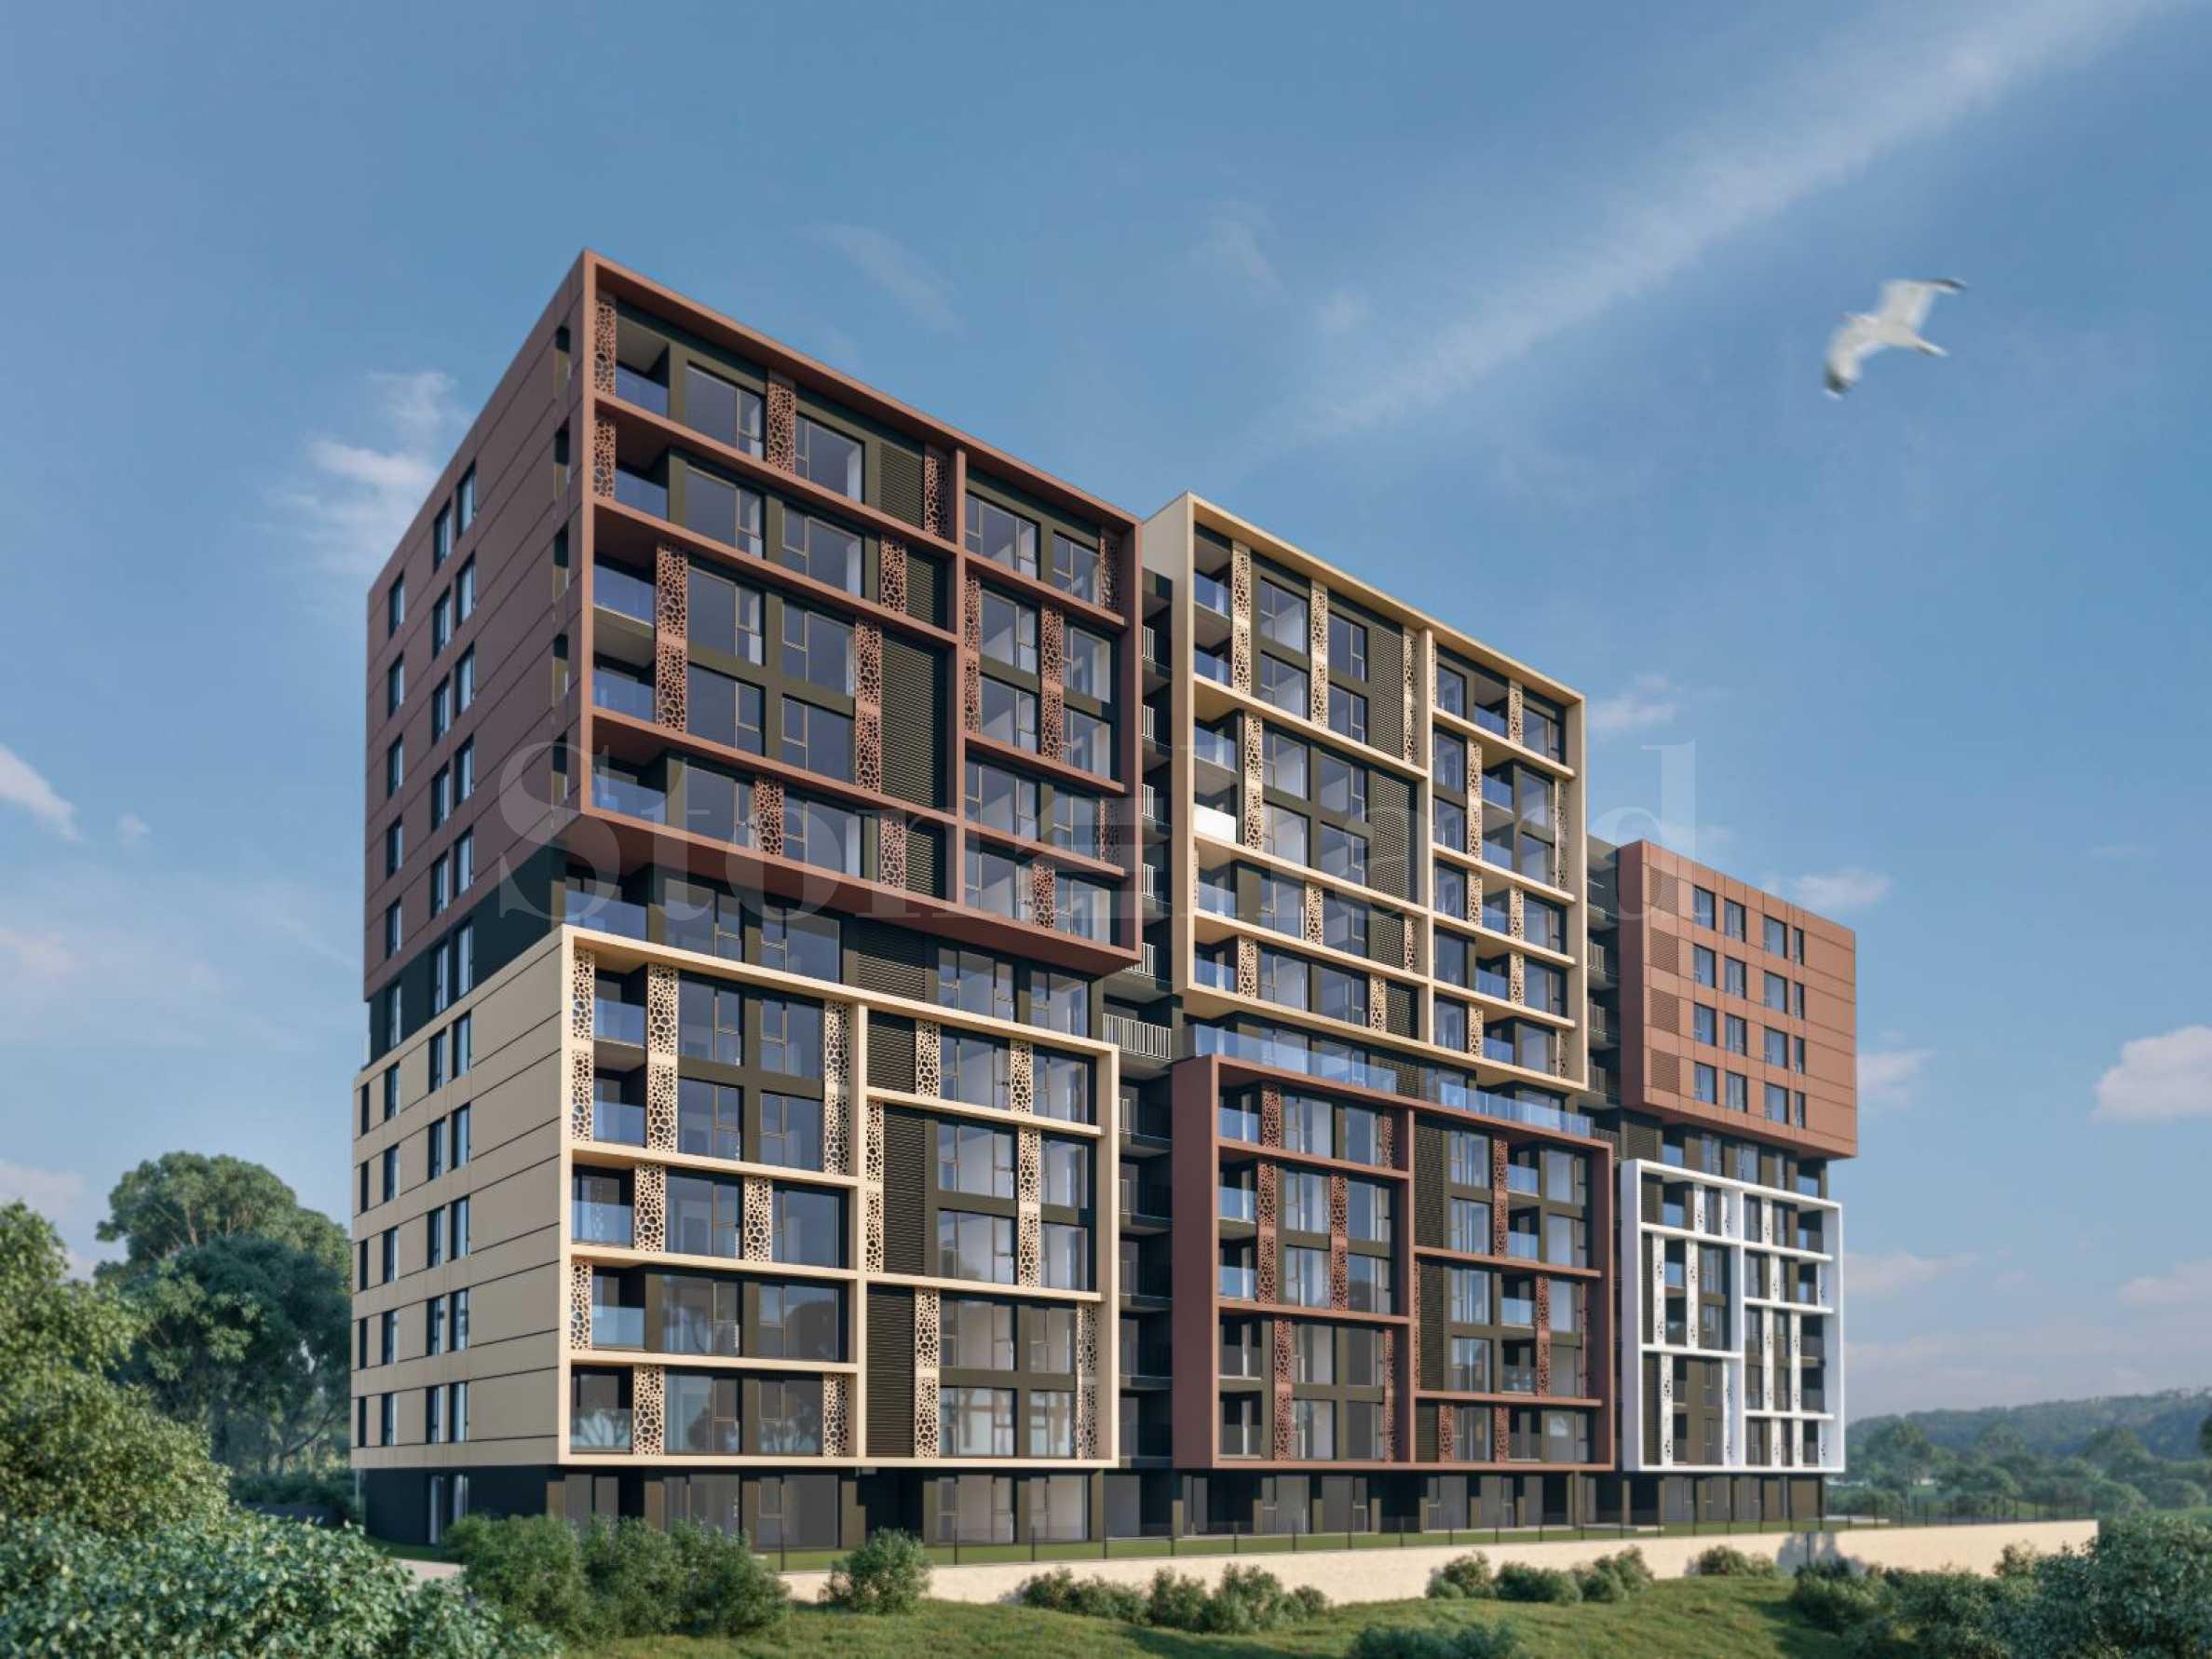 Модерен жилищен комплекс с впечатляваща визия в кв. Бриз, гр. Варна2 - Stonehard